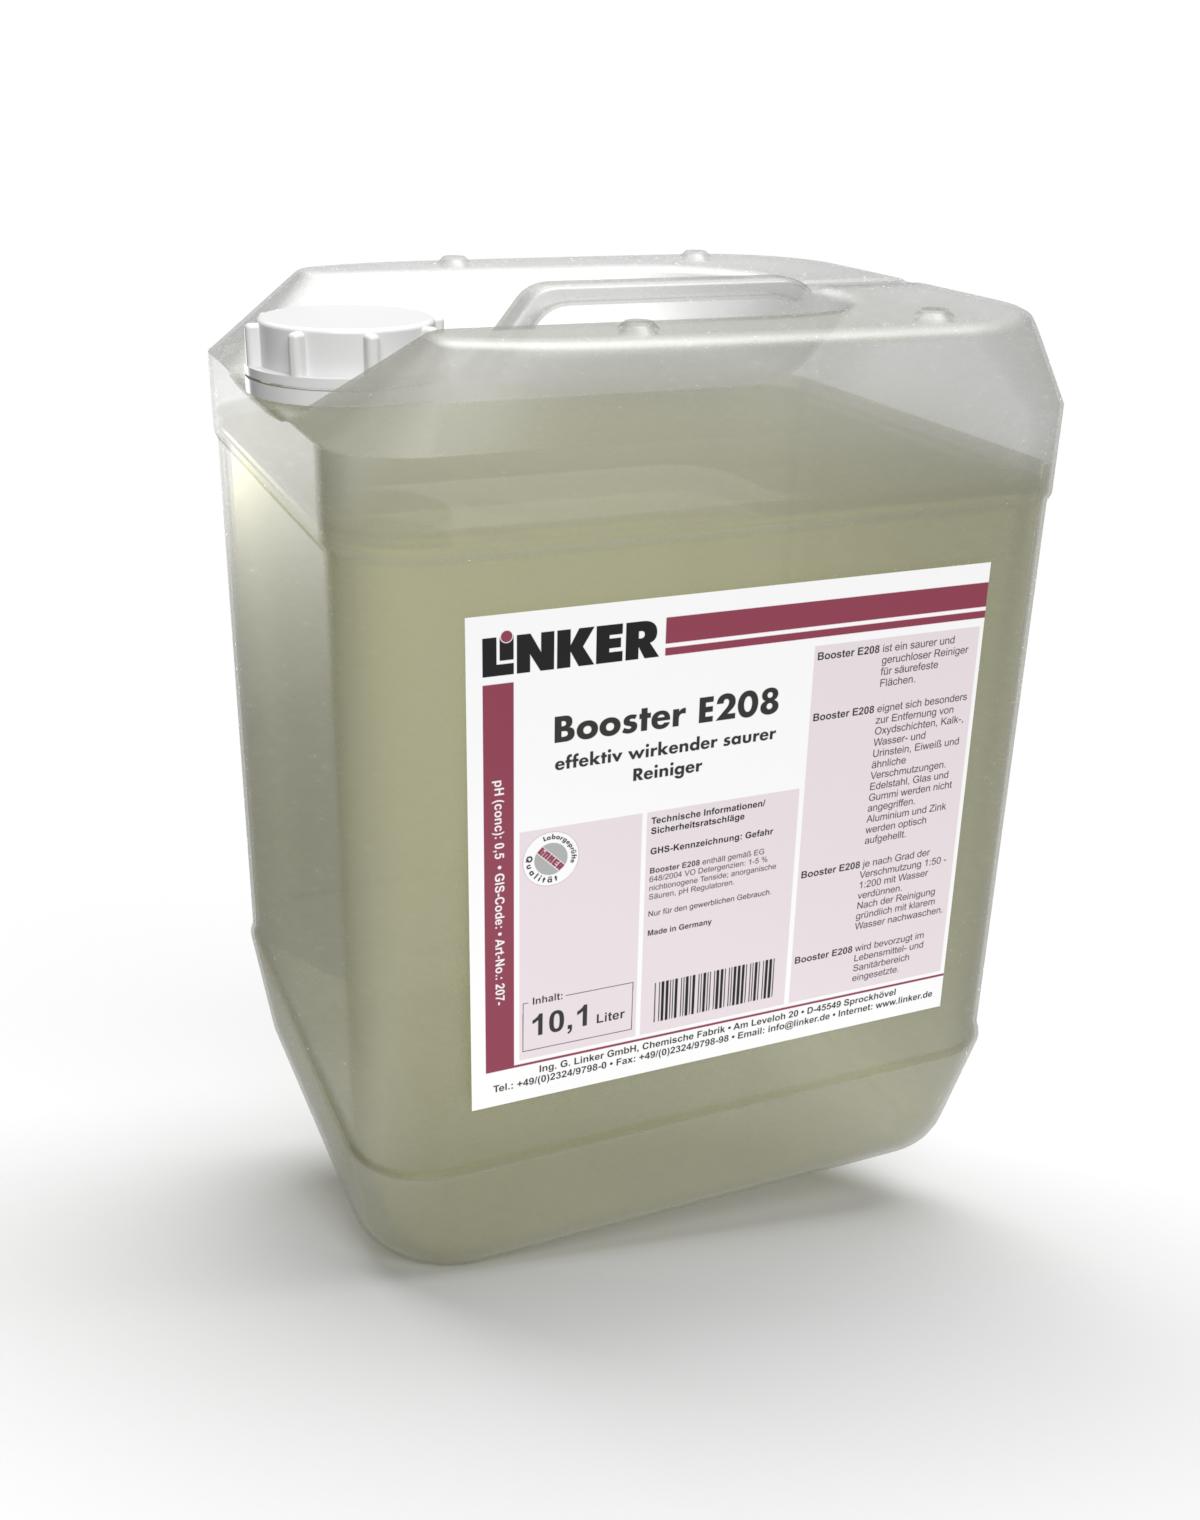 Booster E208_Linker Chemie-Group, entfernen von Kalkablagerungen